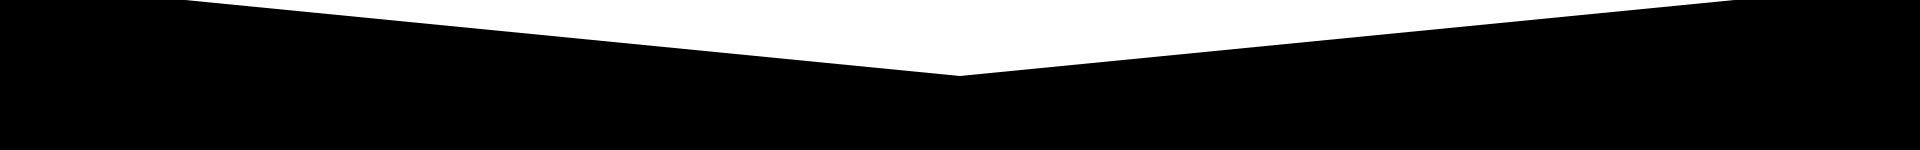 trokut-bgd-bijeli